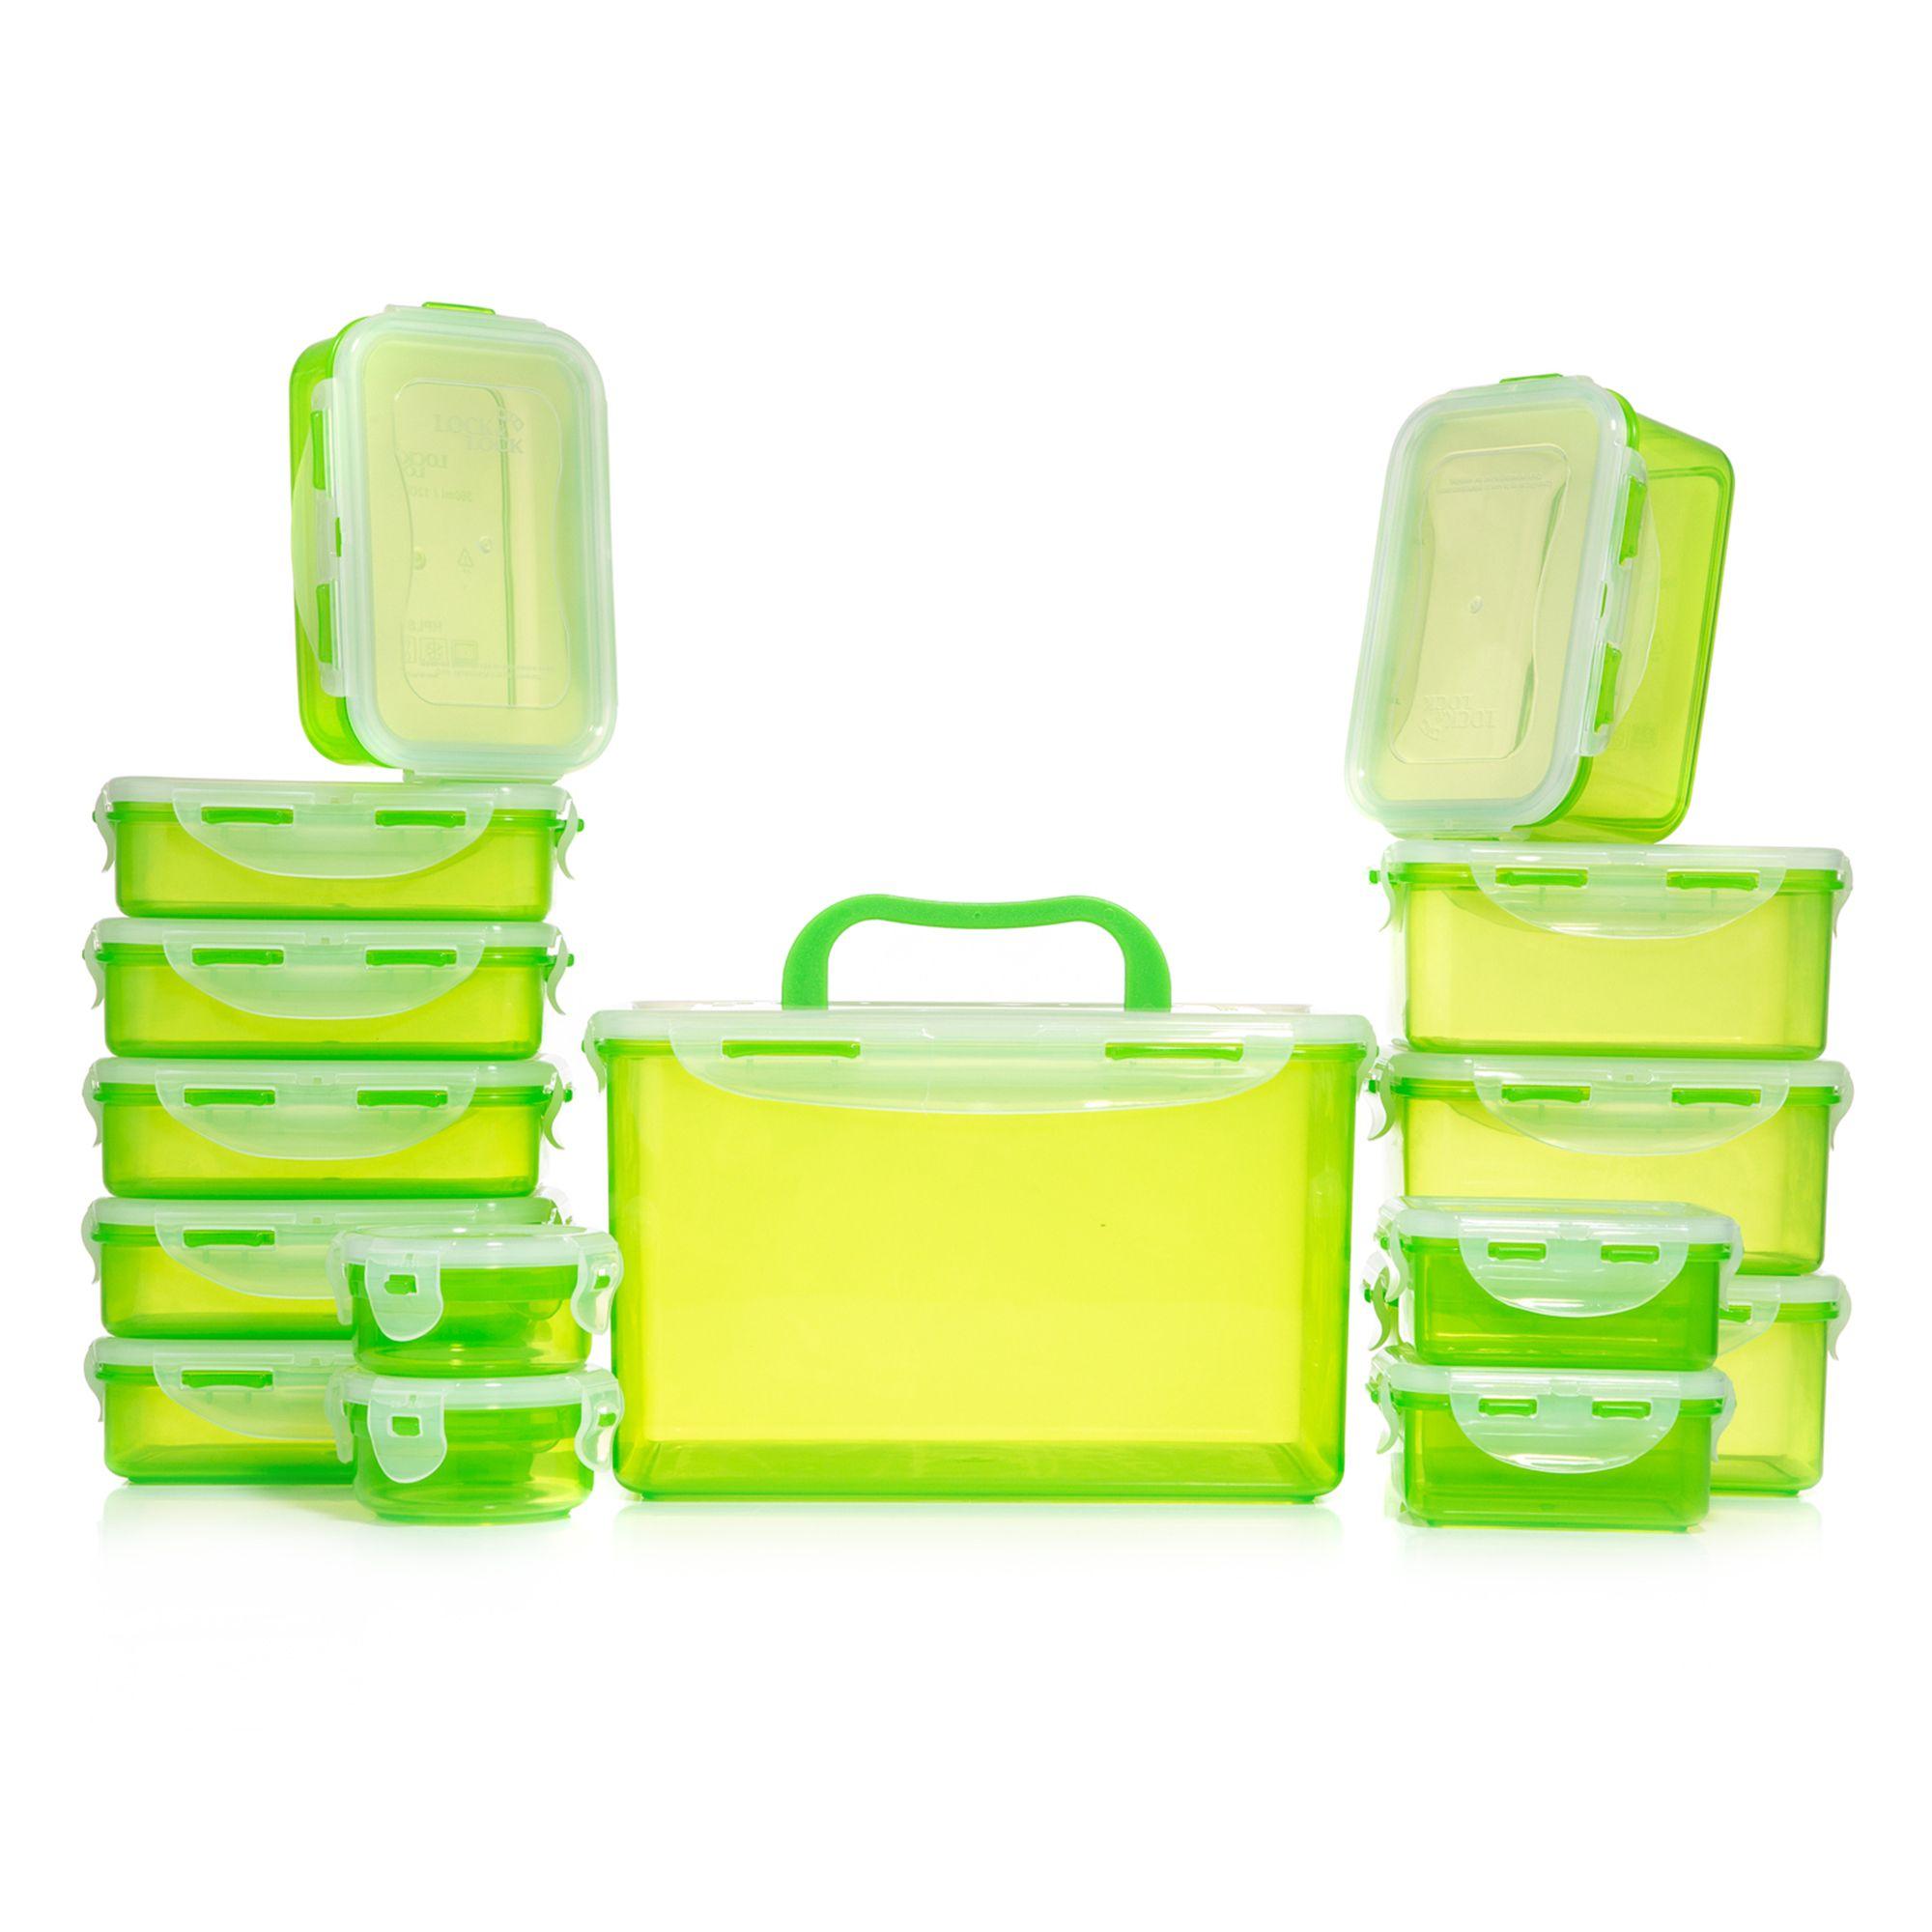 [QVC] LOCK&LOCK Frischhaltedosen-Set 15-Dosen mit Neukundengutschein - verschiedene Farben